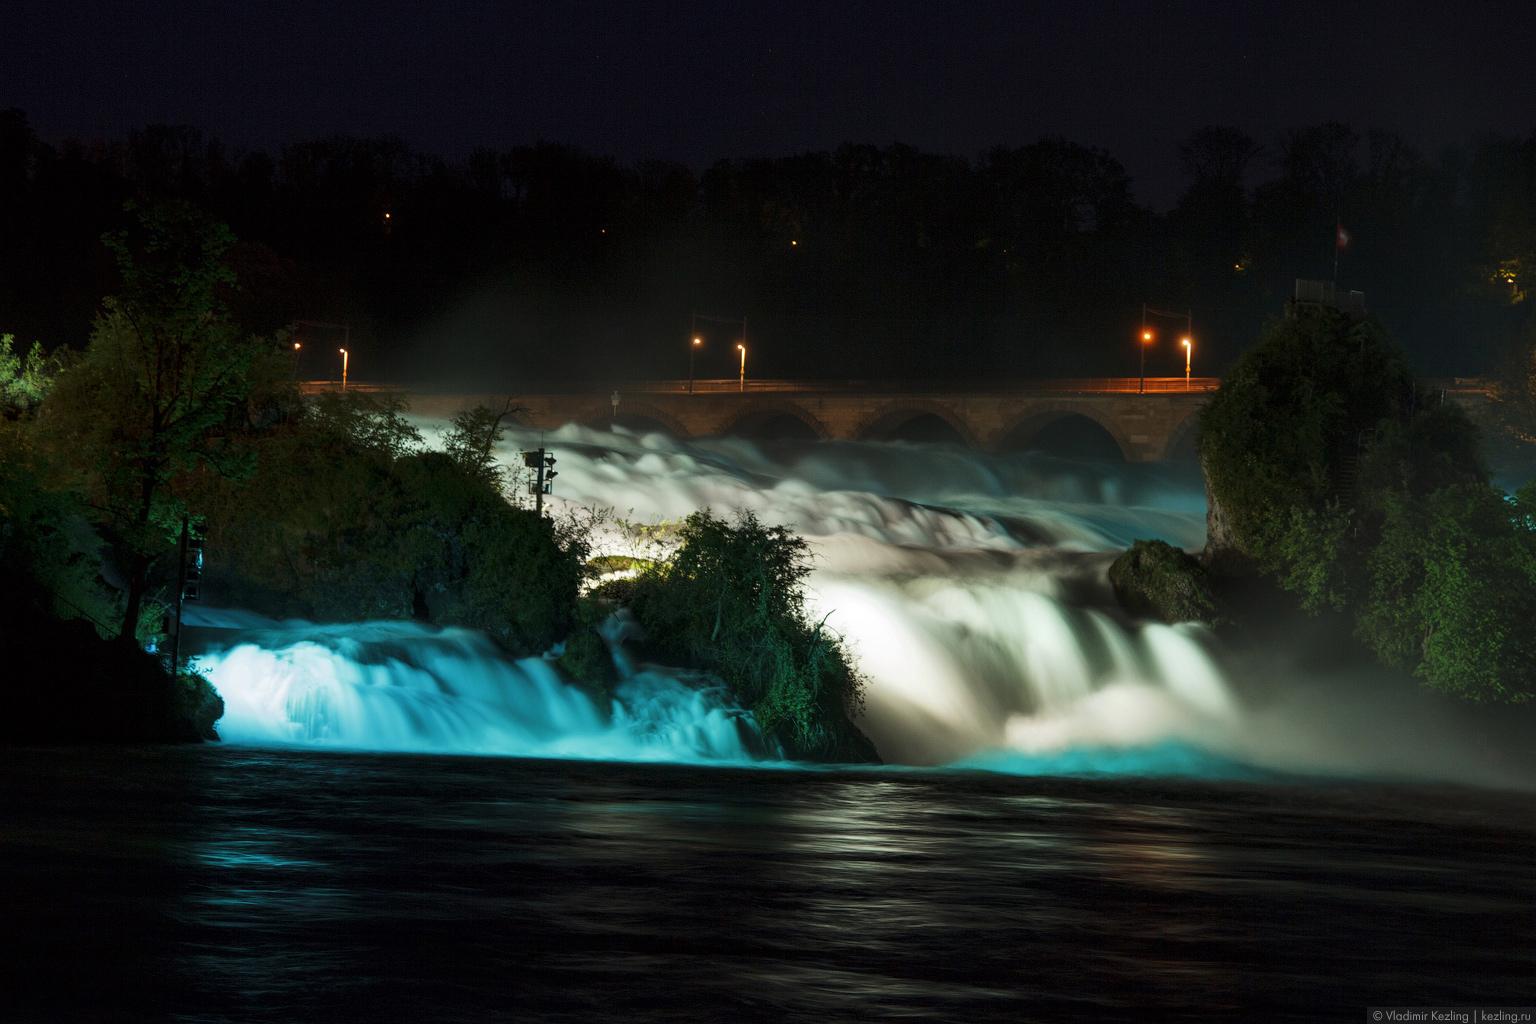 В краю замков и сказок. Мощь Рейнского водопада и скромное обаяние швейцарской глубинки